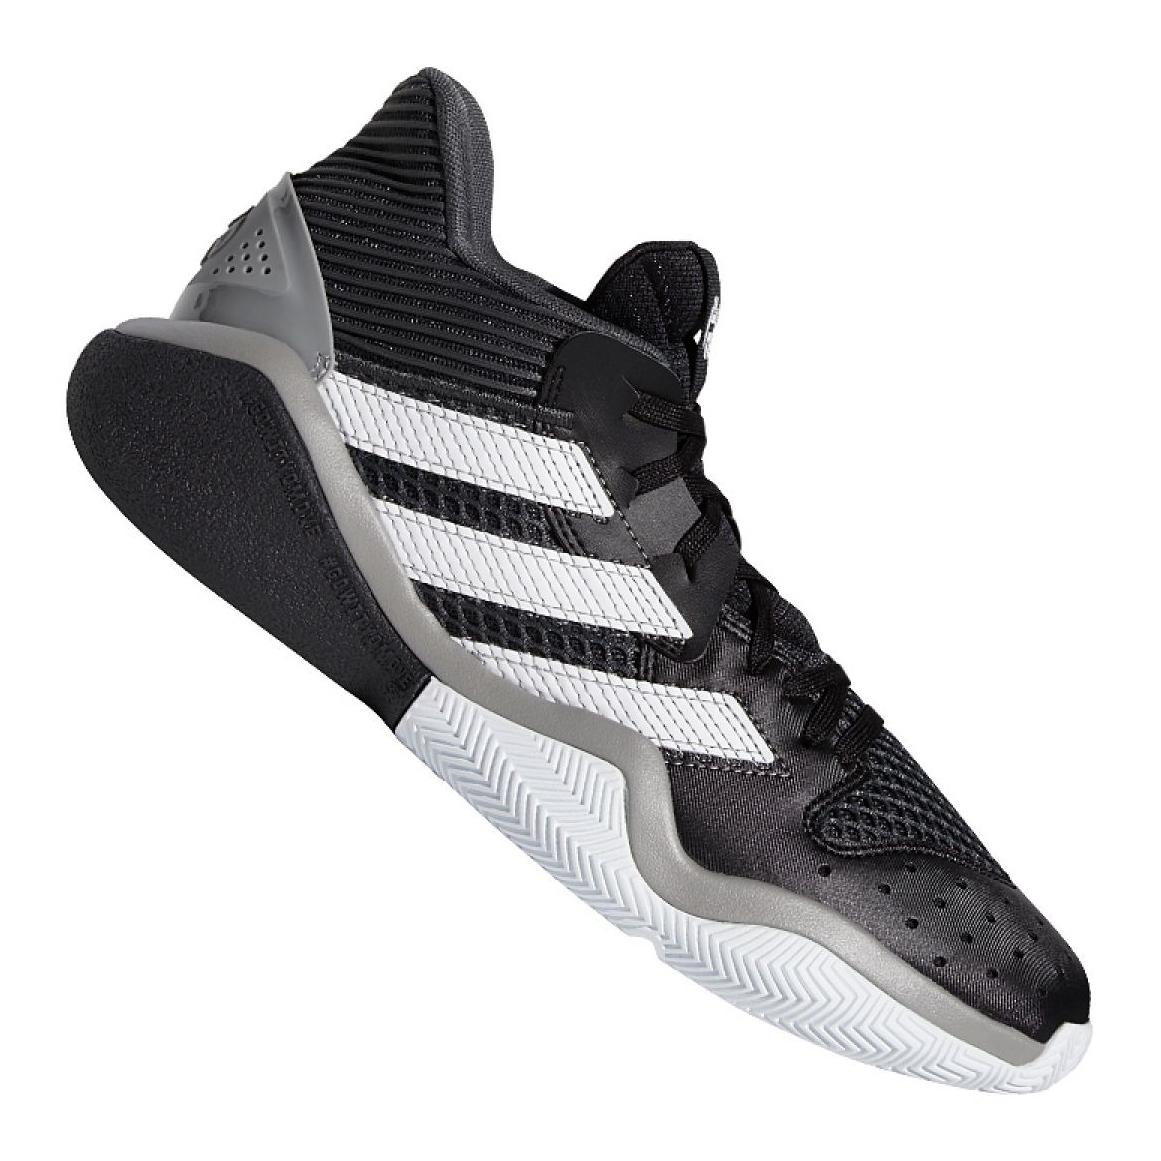 Tênis de basquete adidas Harden Stepback M EF9893 preto